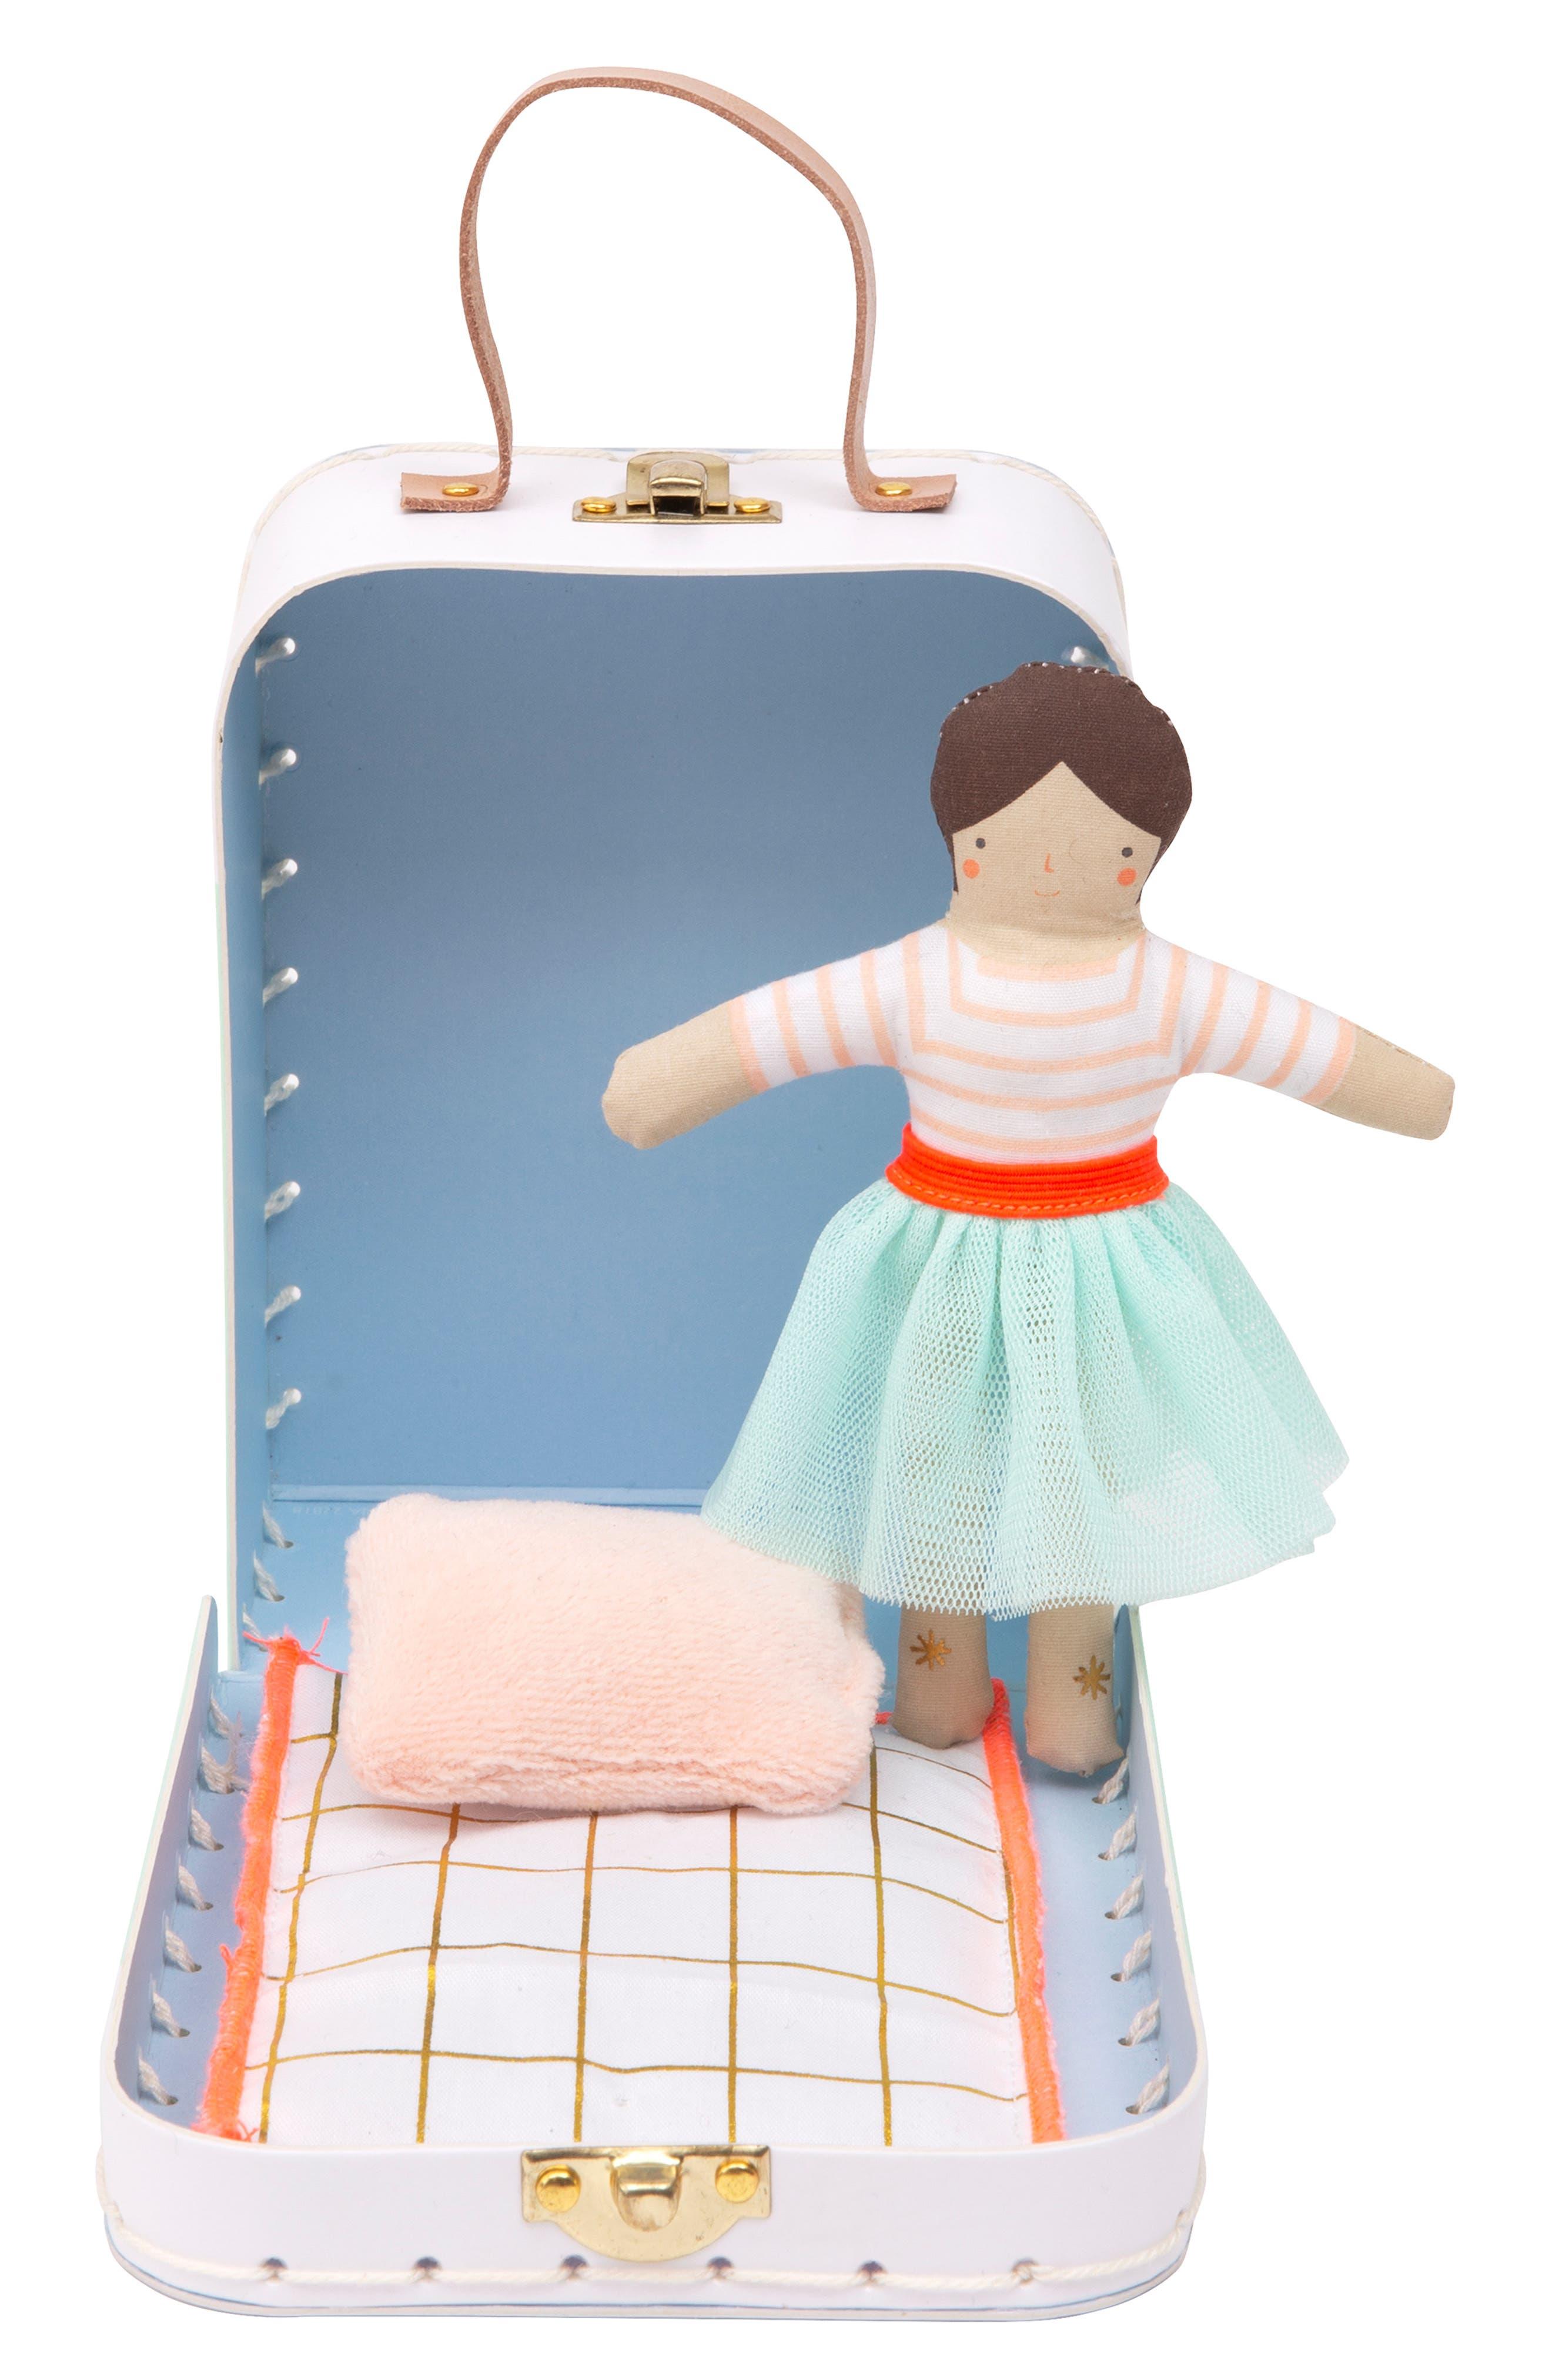 MERI MERI, Mini Lila Doll & Suitcase Set, Main thumbnail 1, color, 960